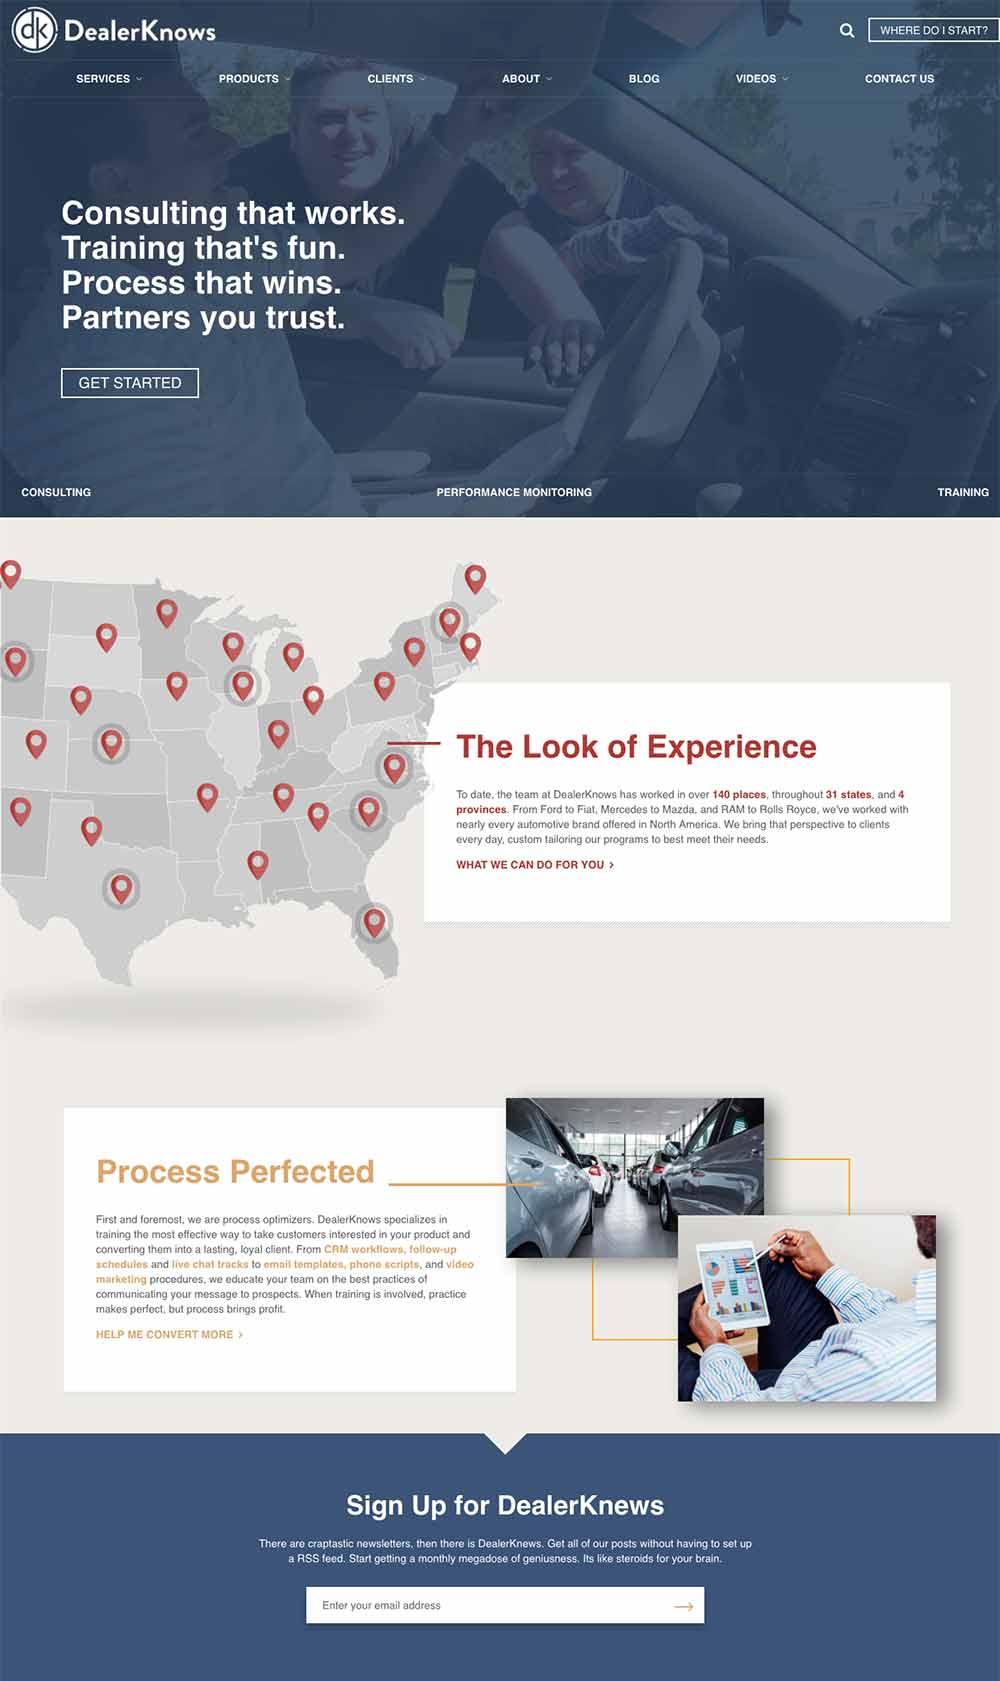 DealerKnows New Homepage